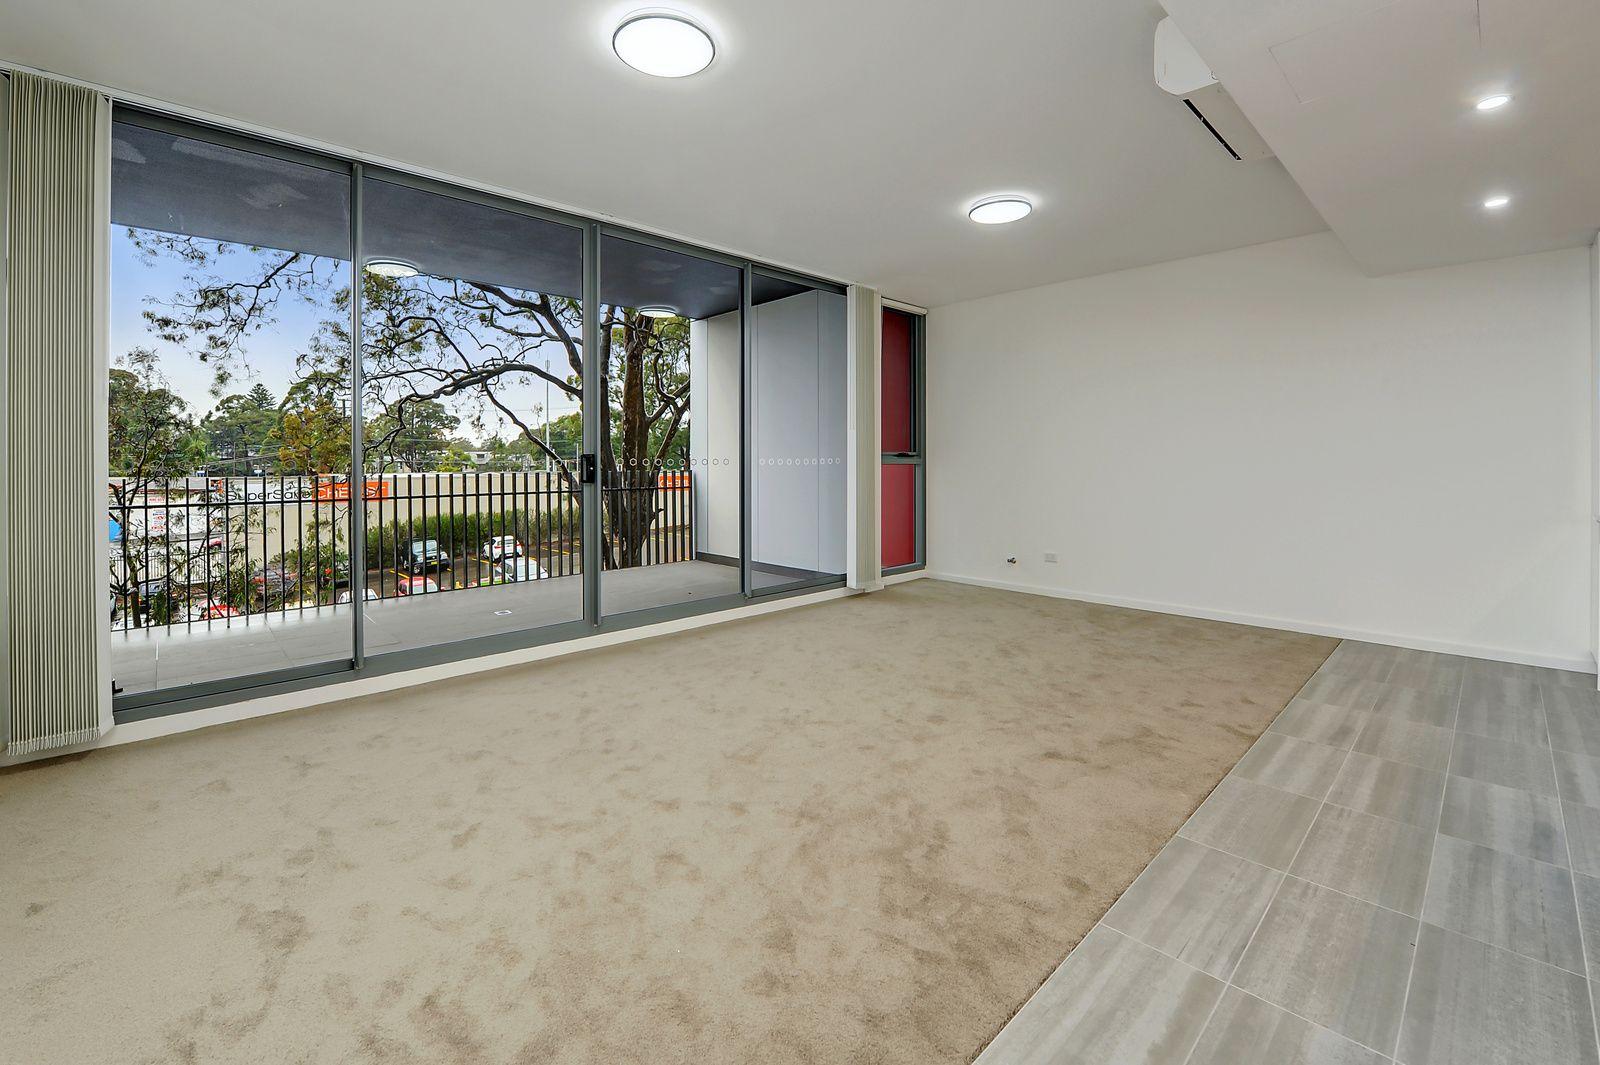 27/4-8 Bouvardia Street, Asquith NSW 2077, Image 1